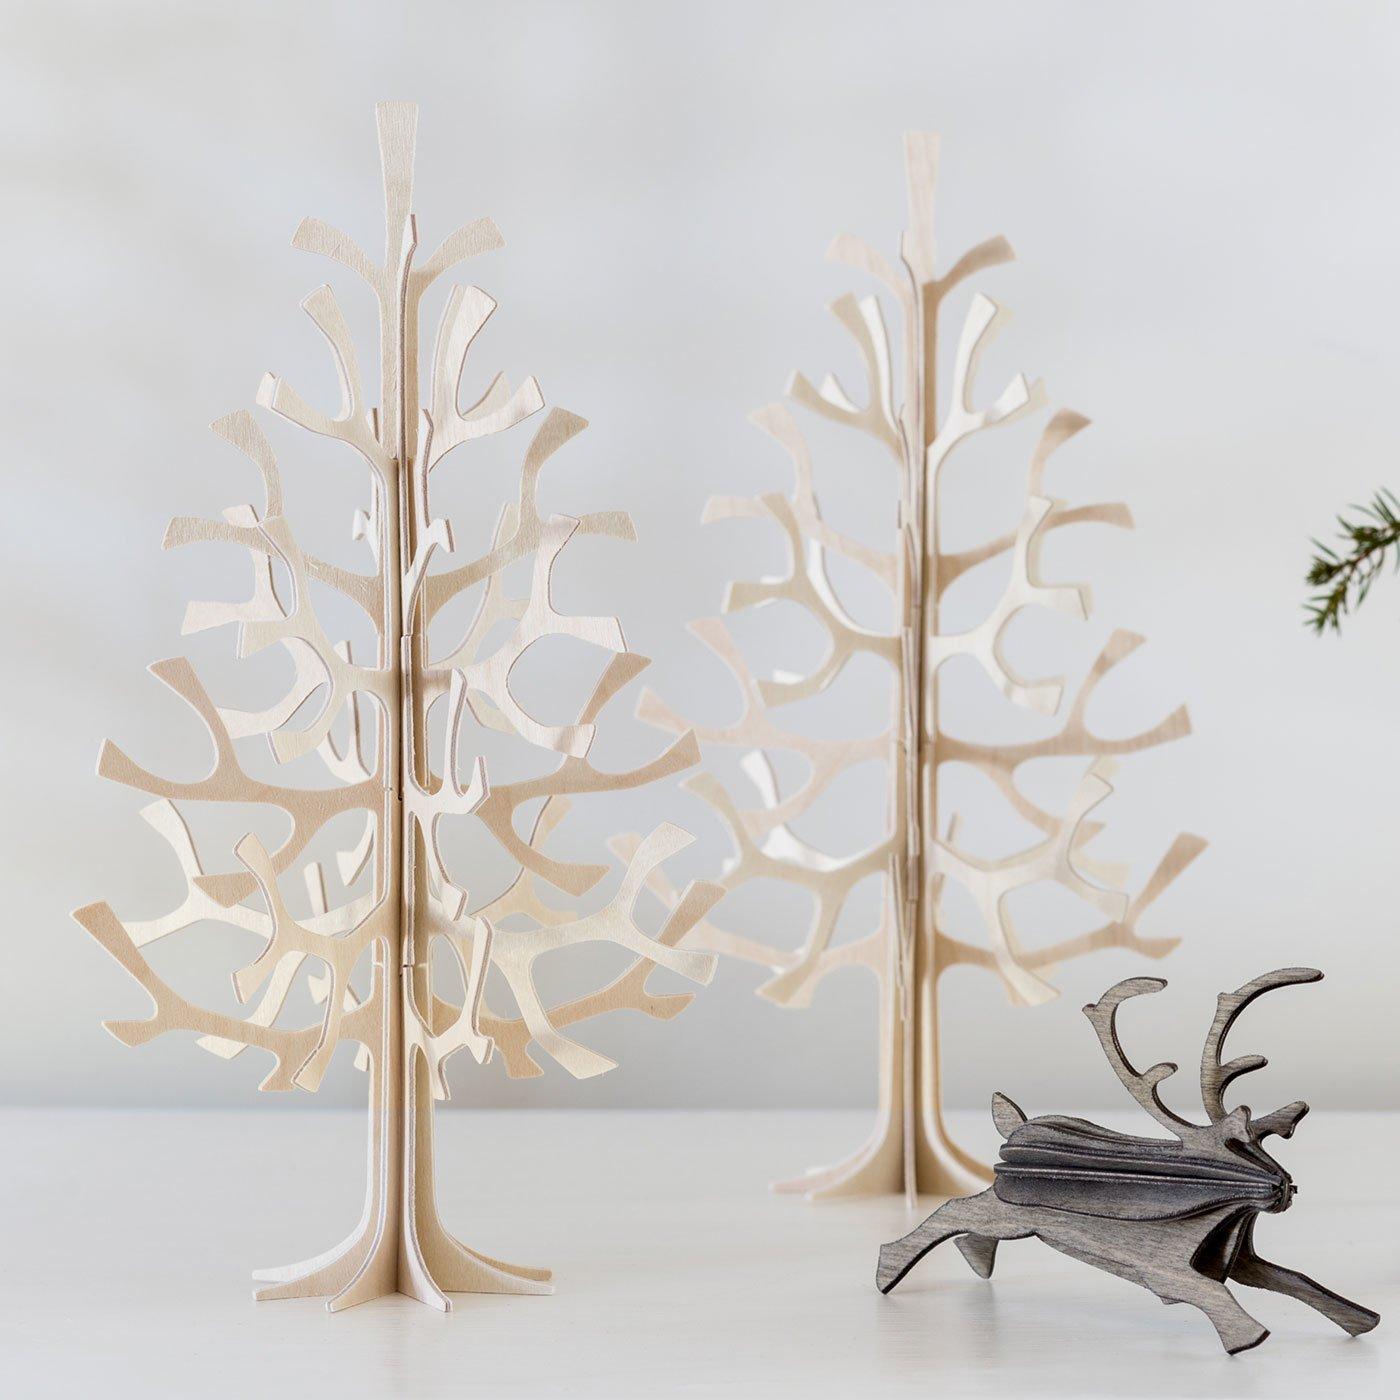 インテリアにナチュラルなアクセントモミの木 <M> /Lovi(ロヴィ)